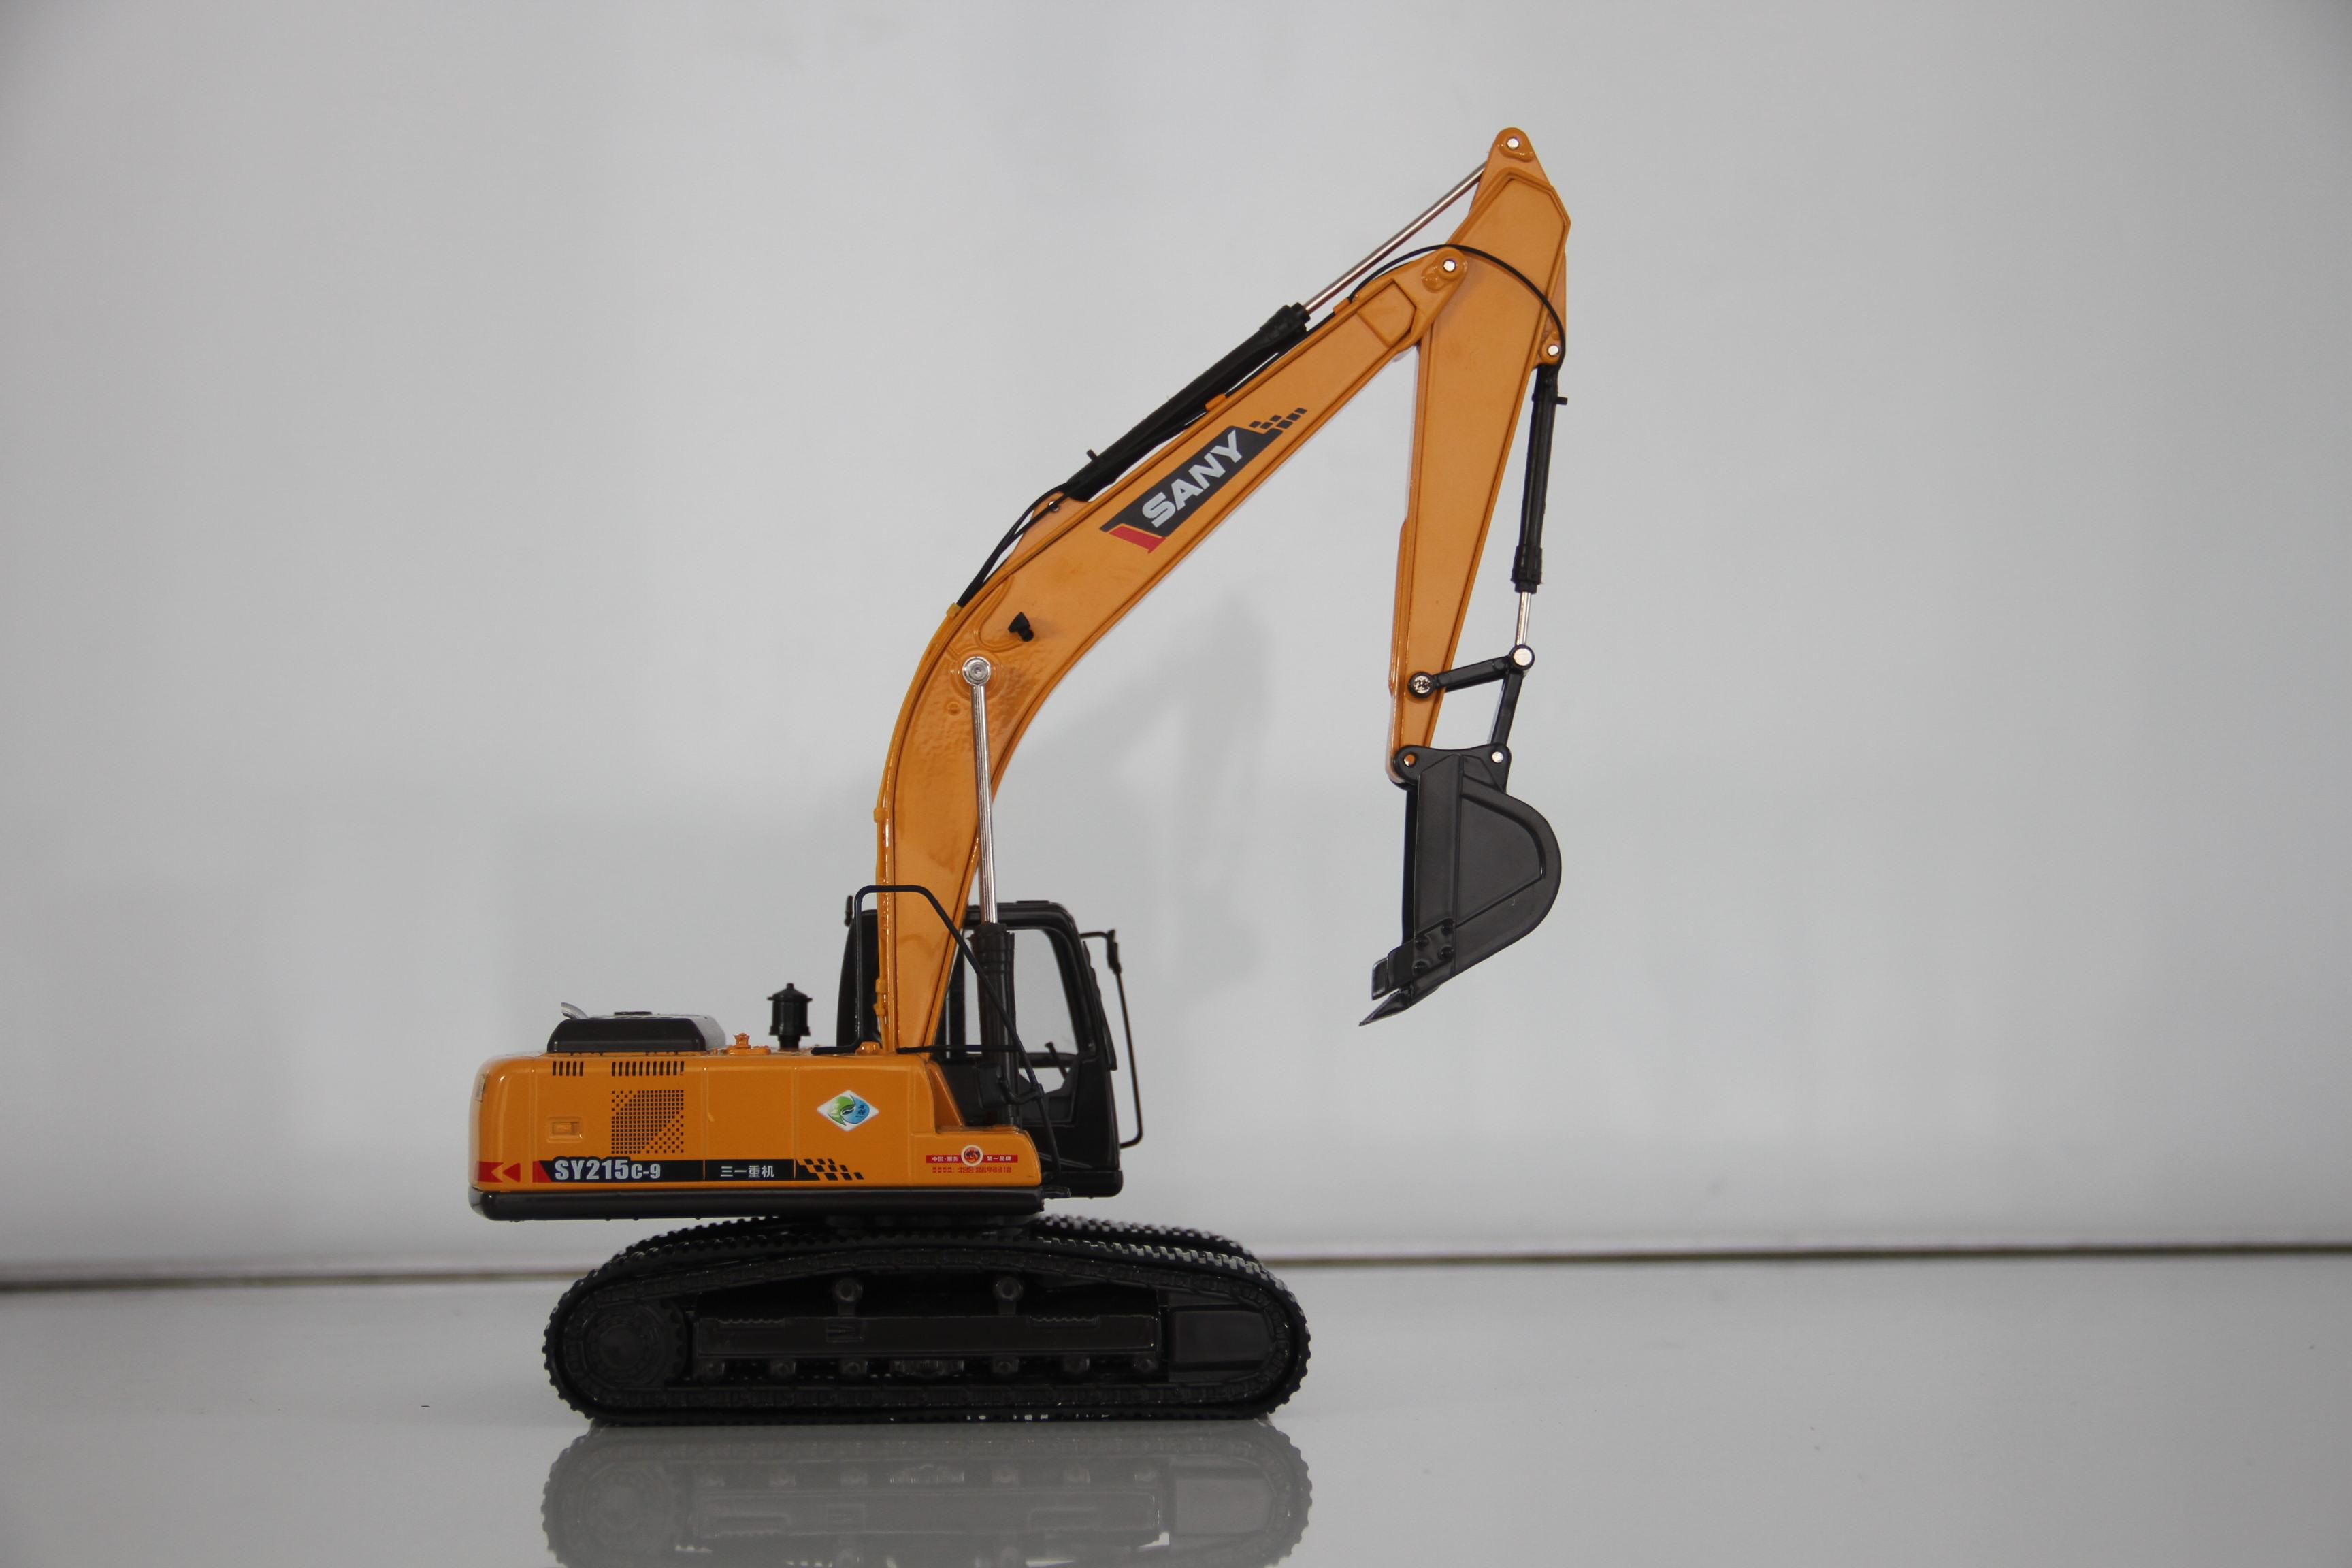 三一挖掘机215c-9合金模型-三一挖掘机价格表 斗山挖掘机图片